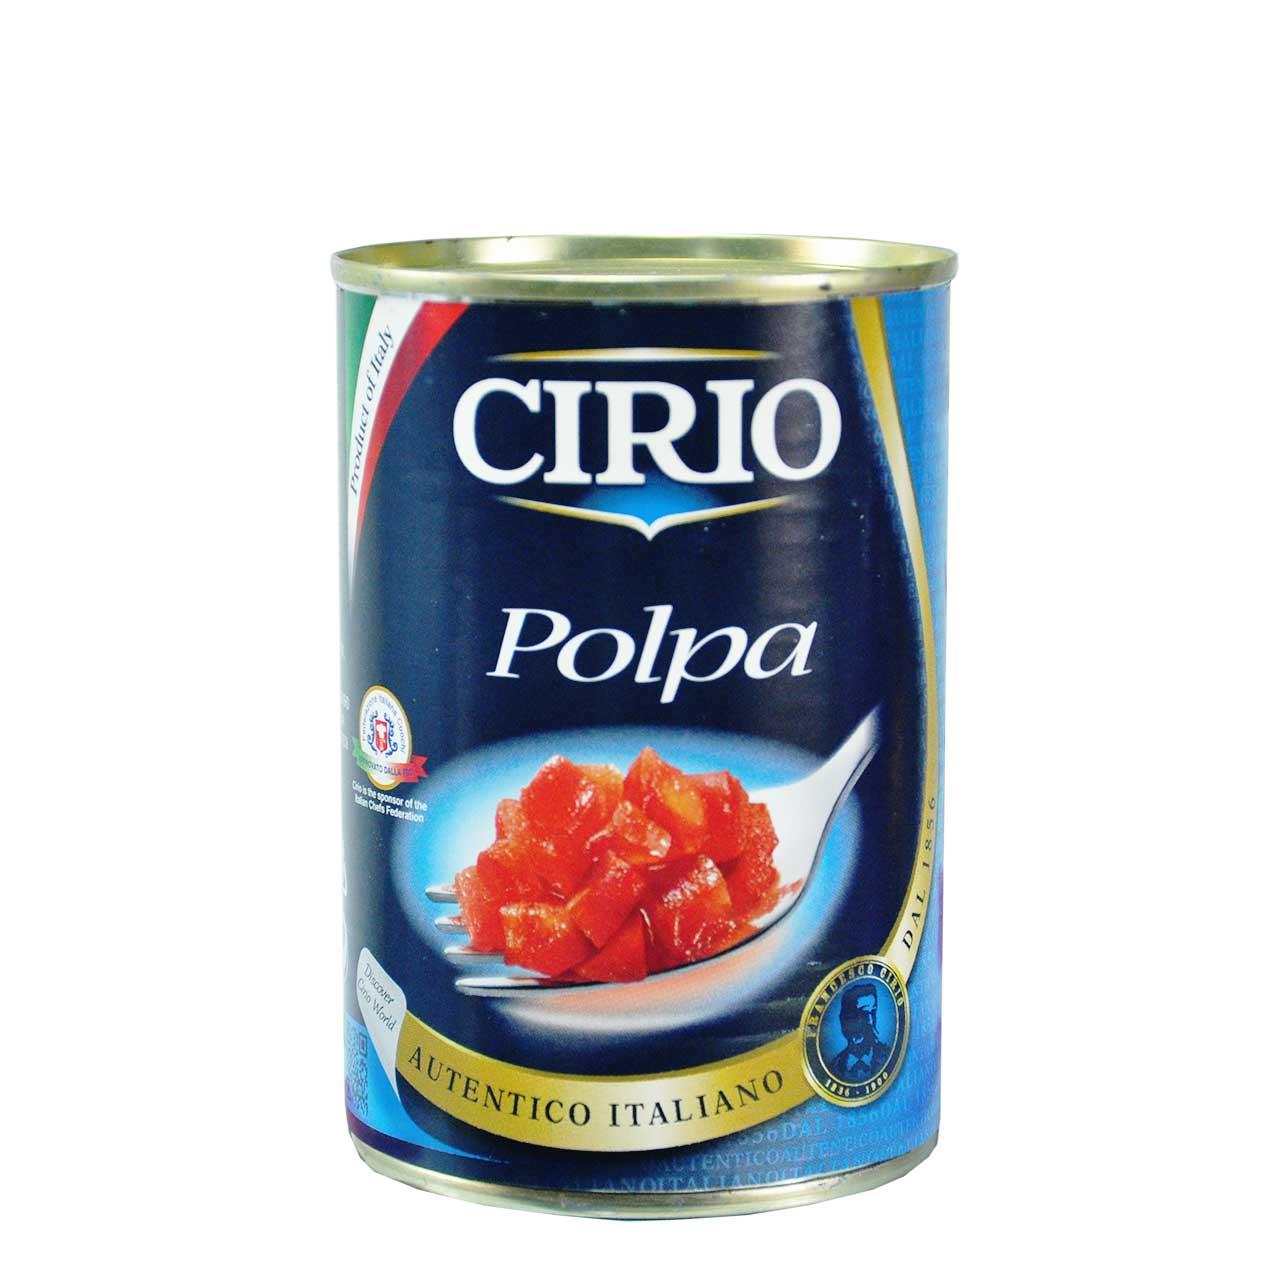 کنسرو گوجه فرنگی خرد شده چیریو – cirio